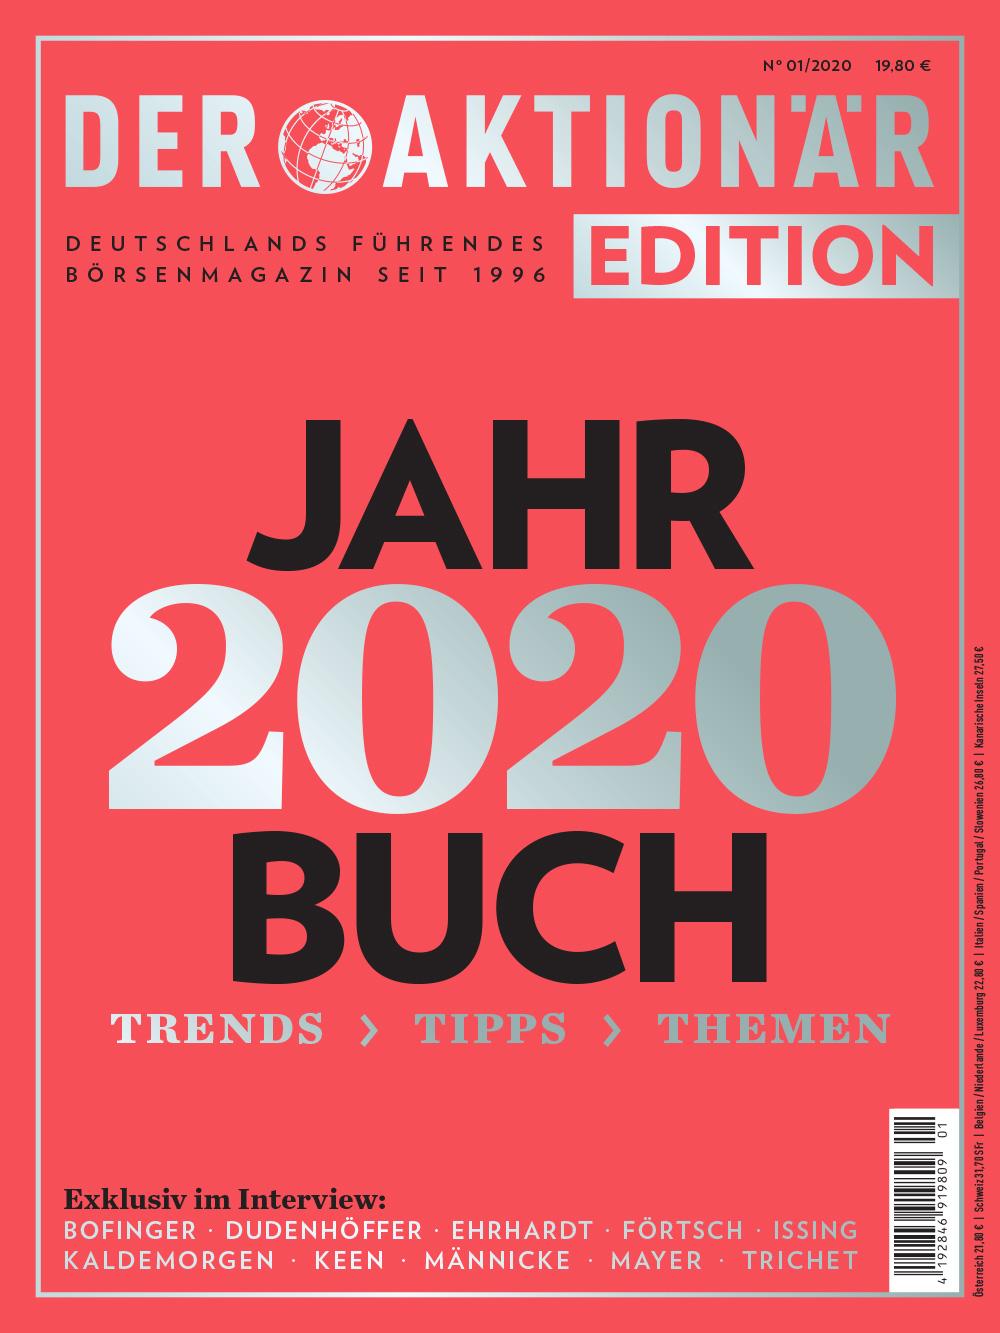 DER AKTIONÄR Jahrbuch 2020